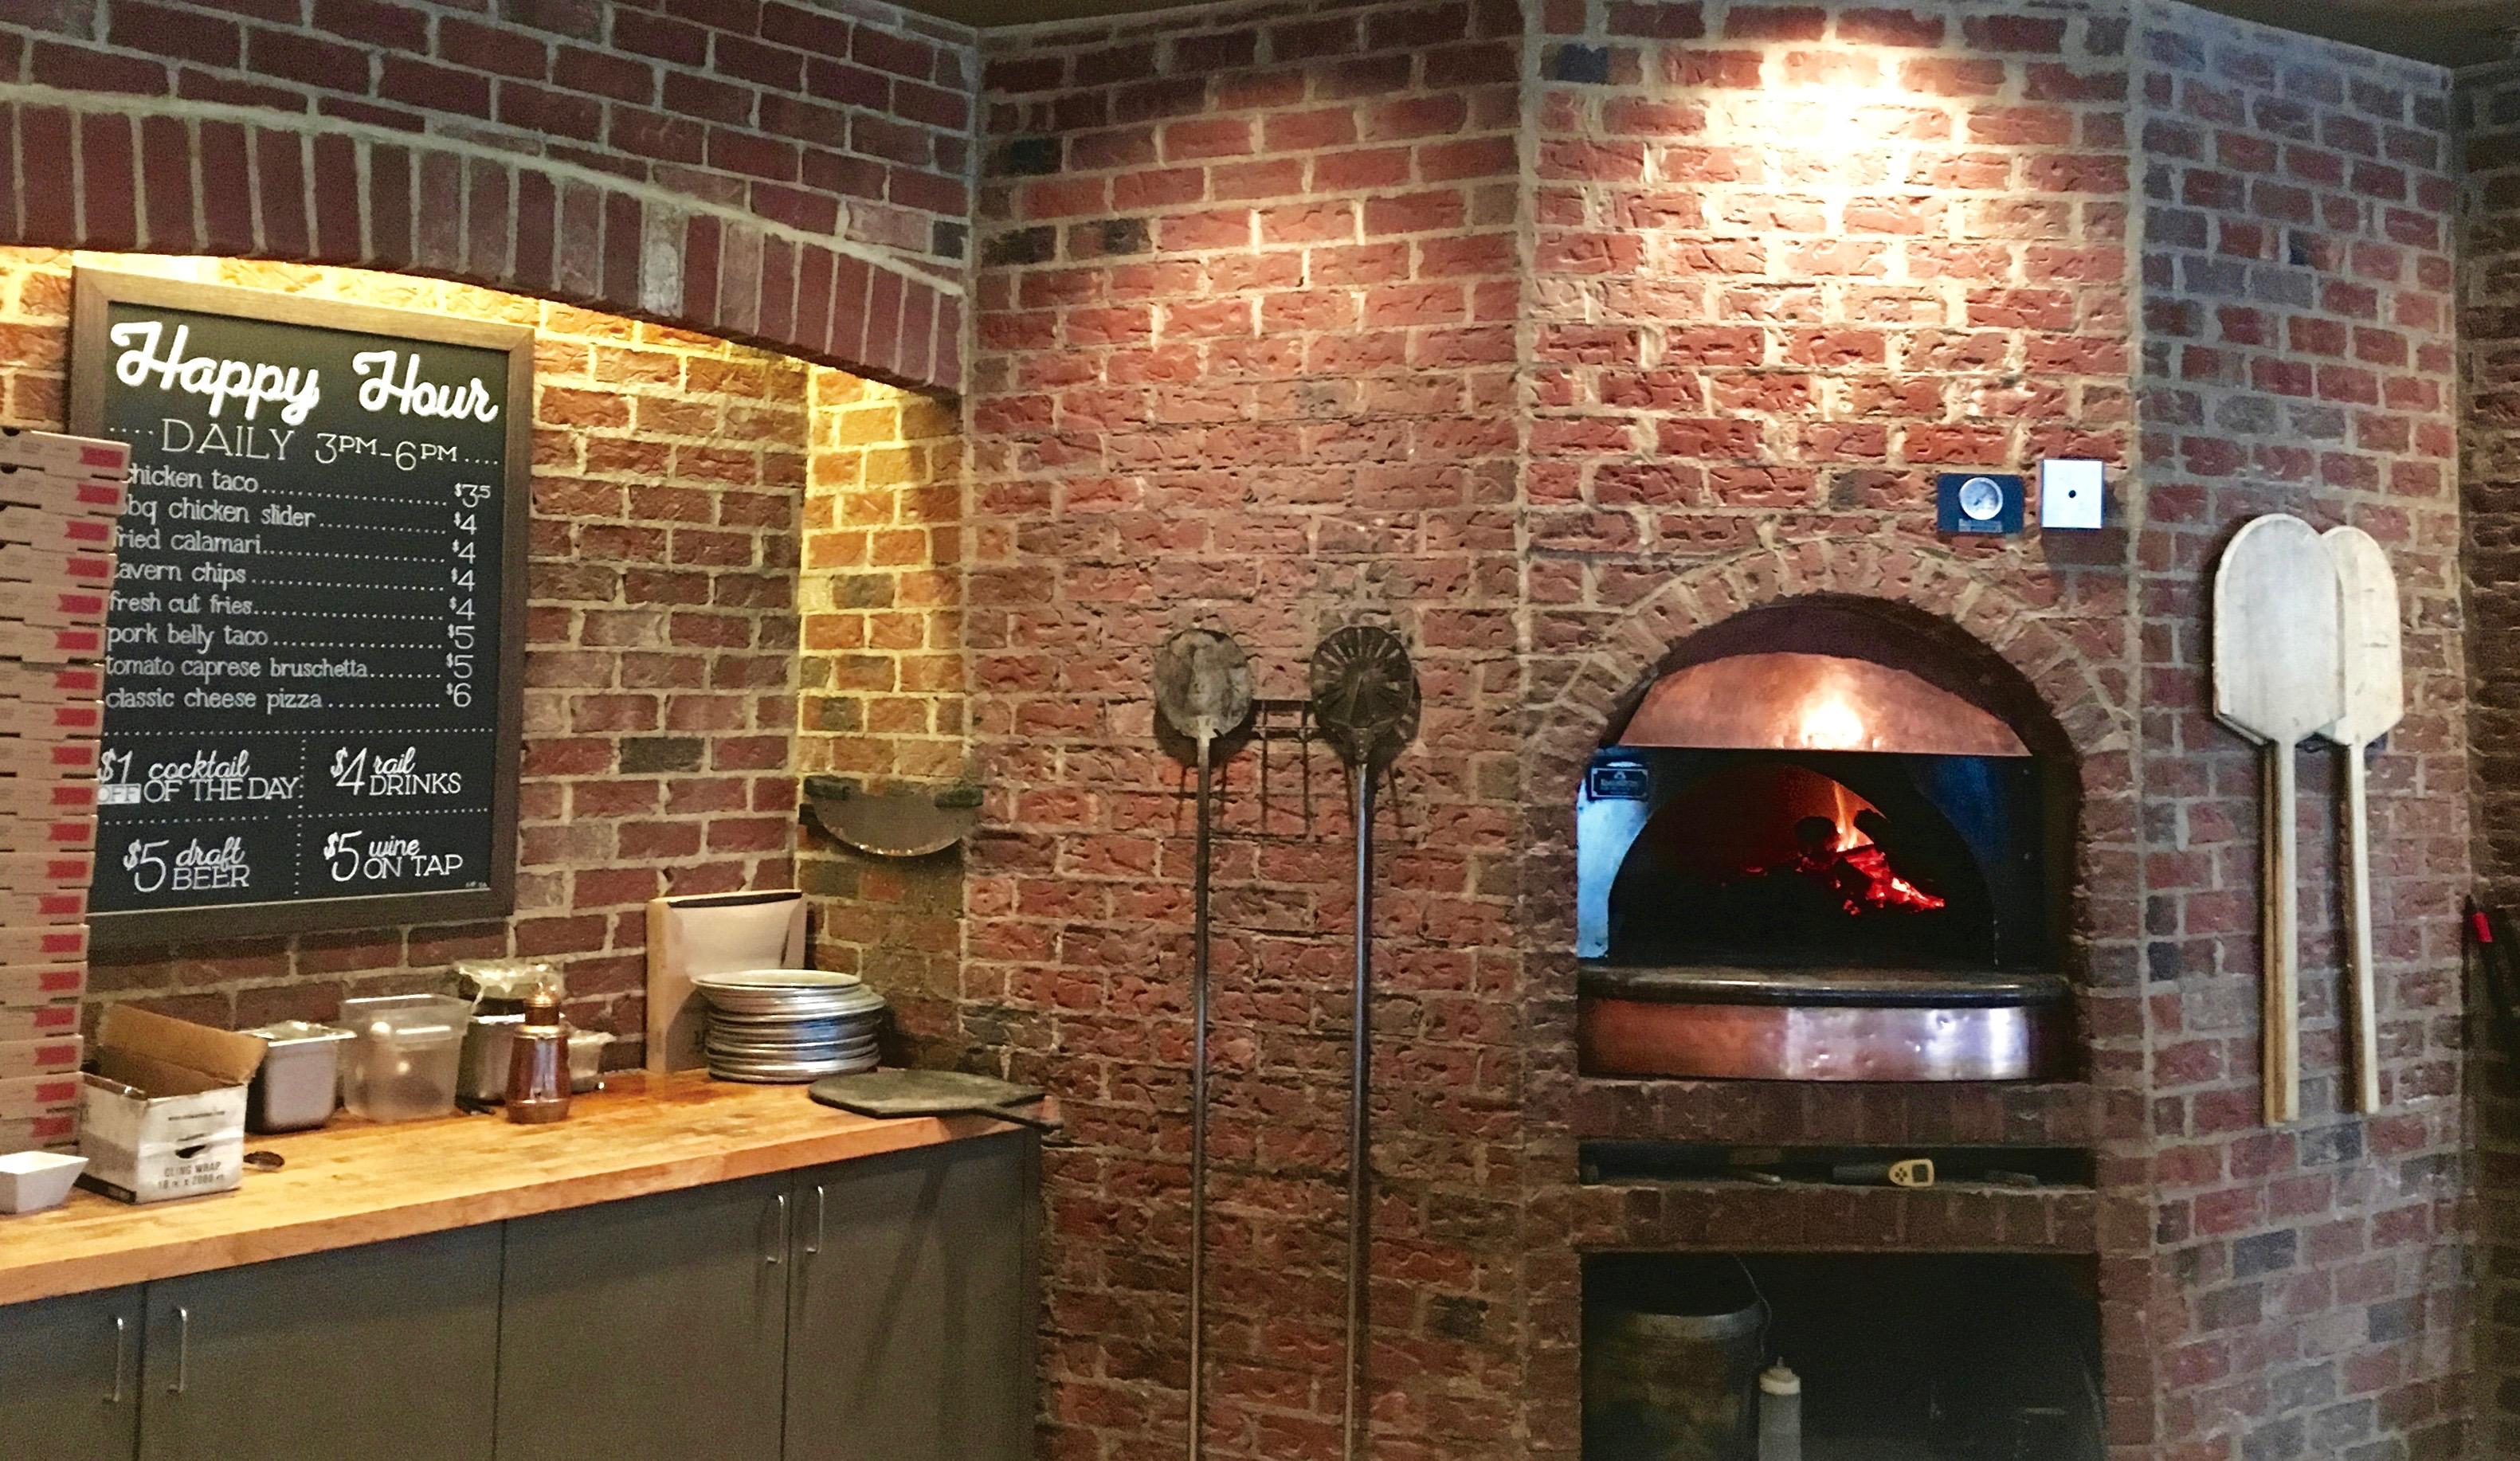 Baker's Crust, oven bread, VIrginia Beach Hilltop restaurants